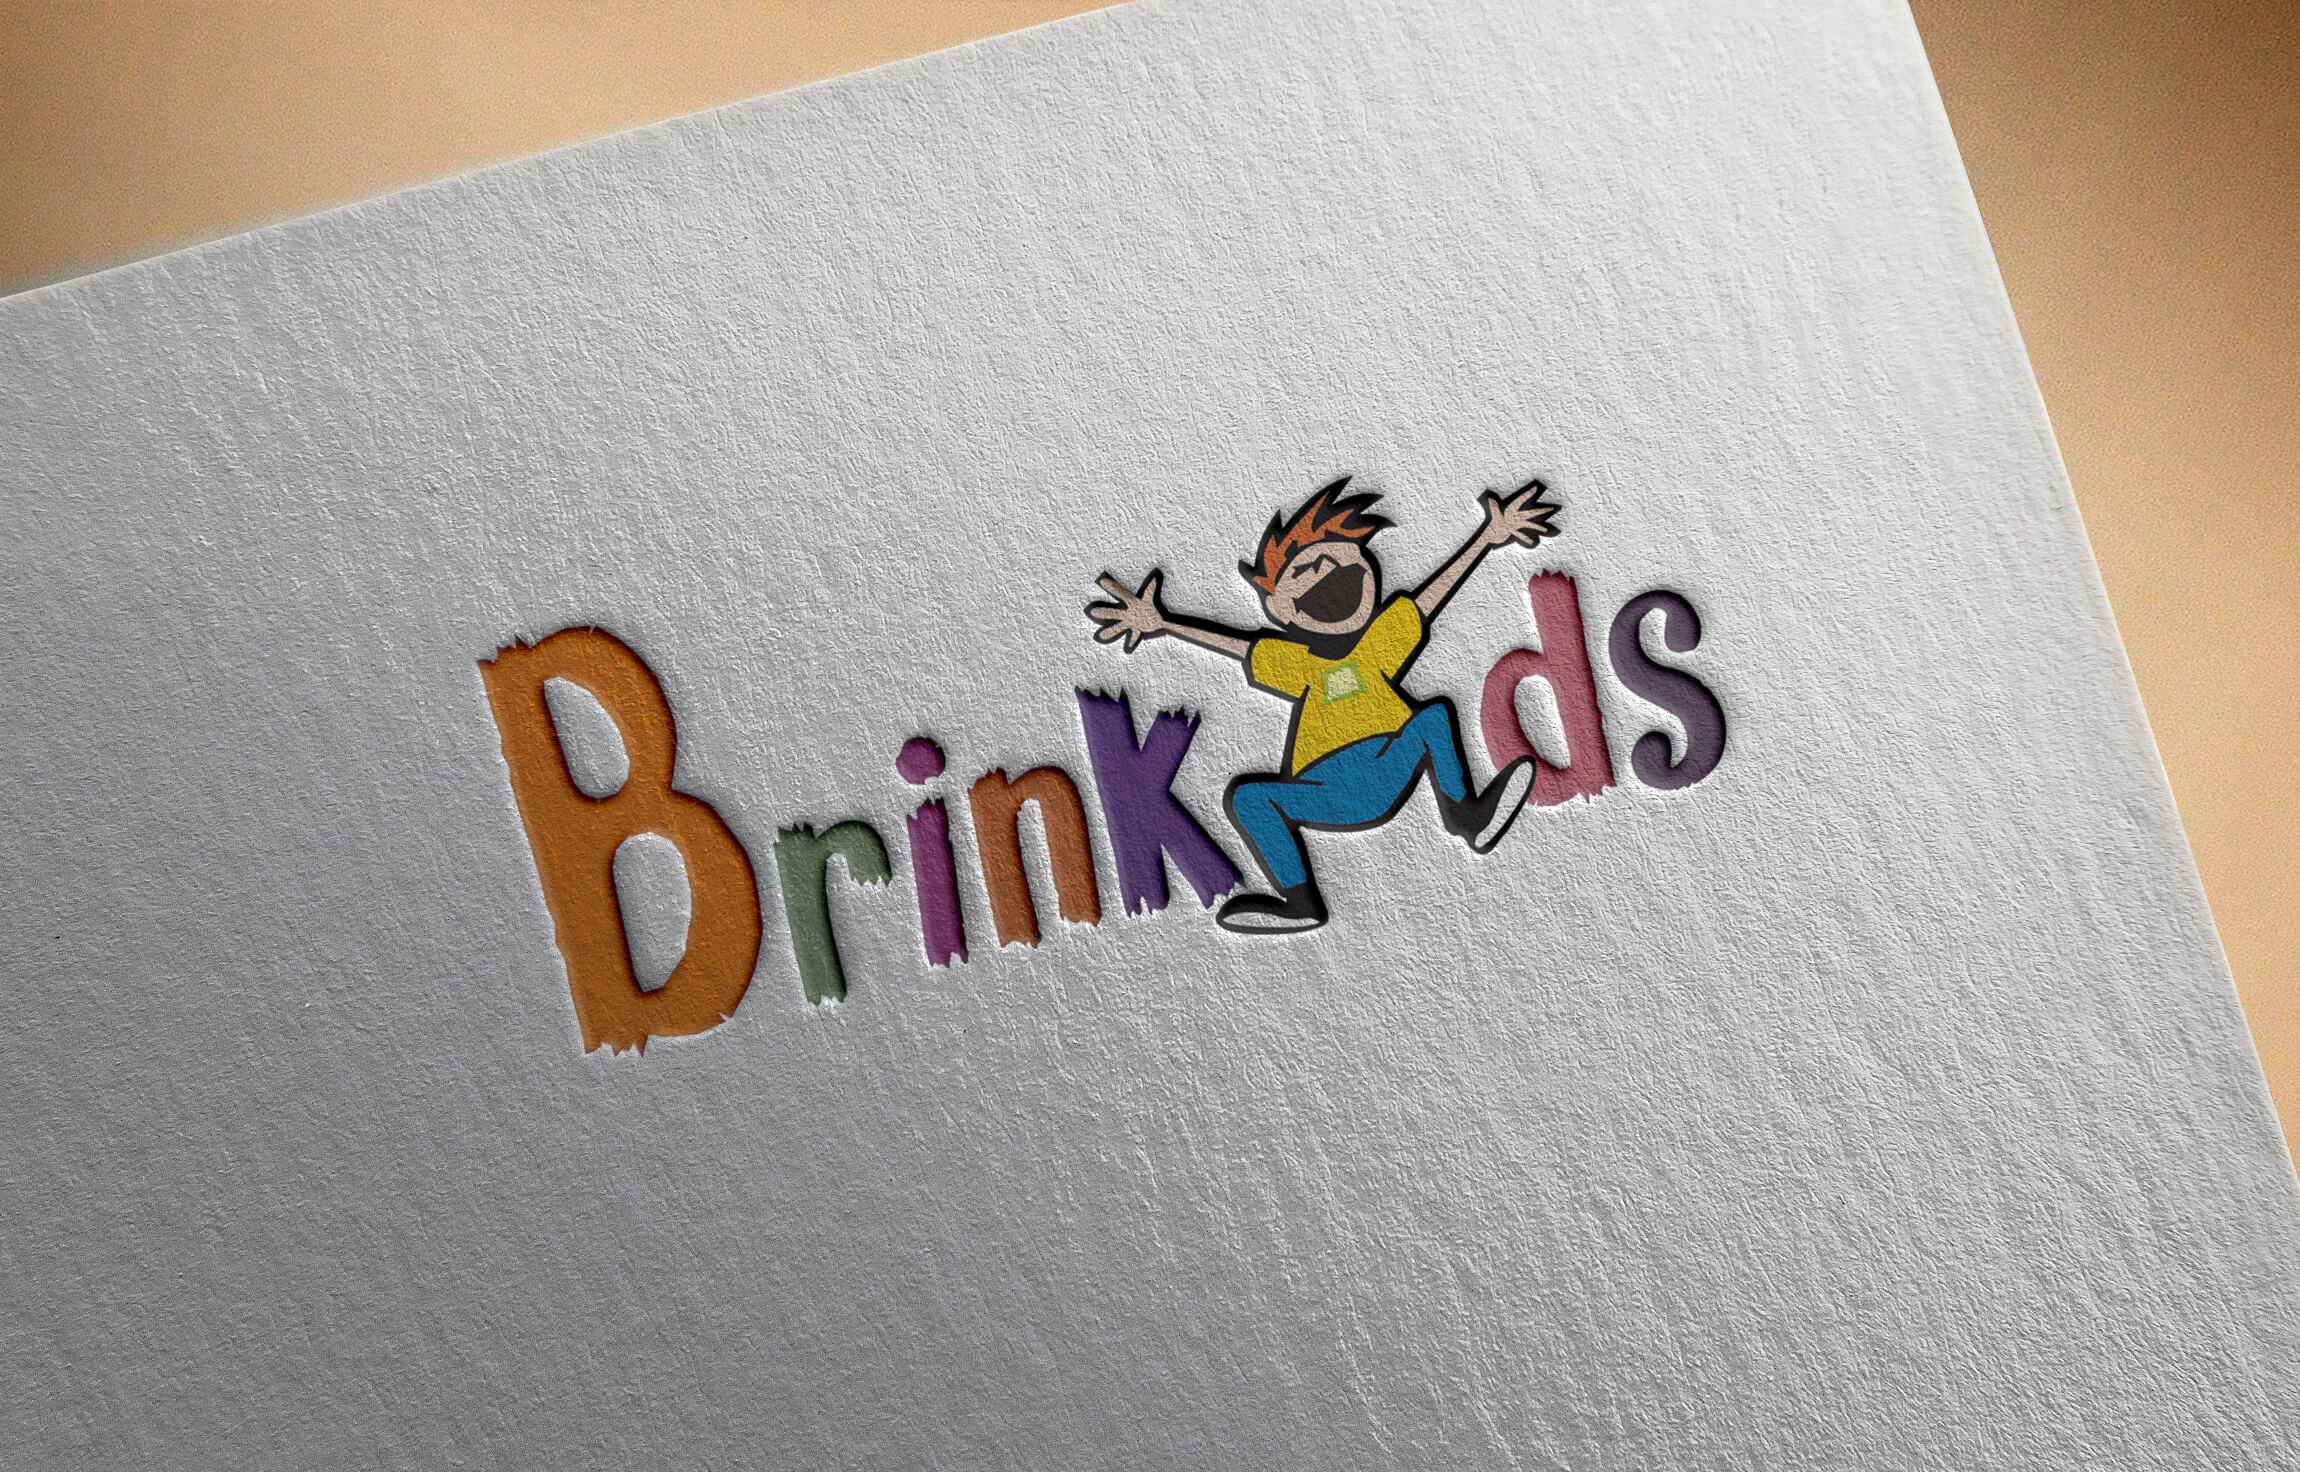 Brinkids -  | Luis Serra Freelancer